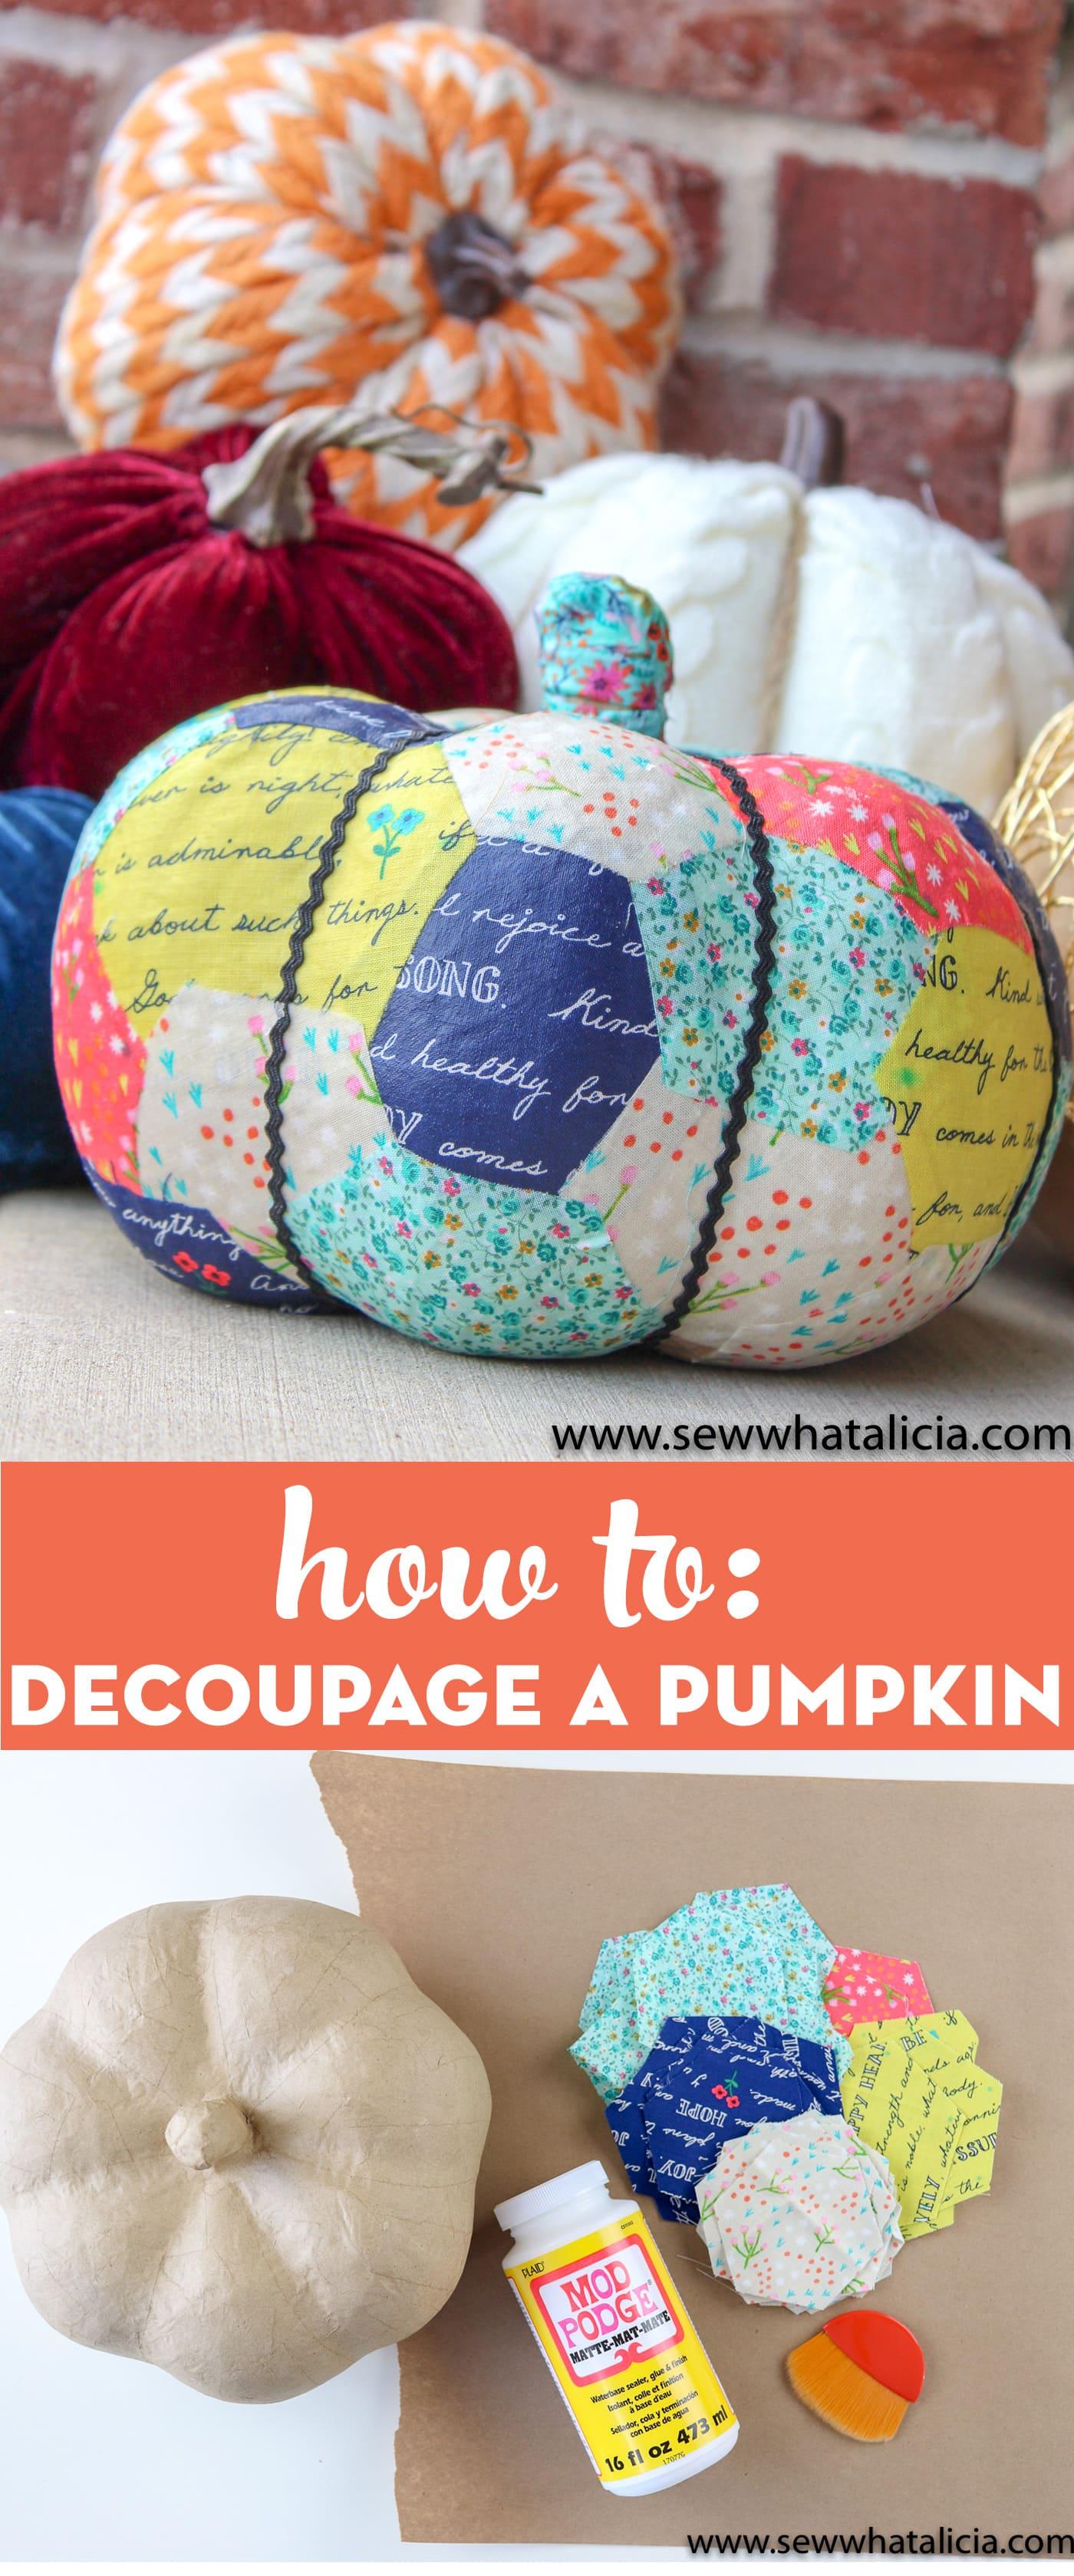 fabric decoupaged pumpkin